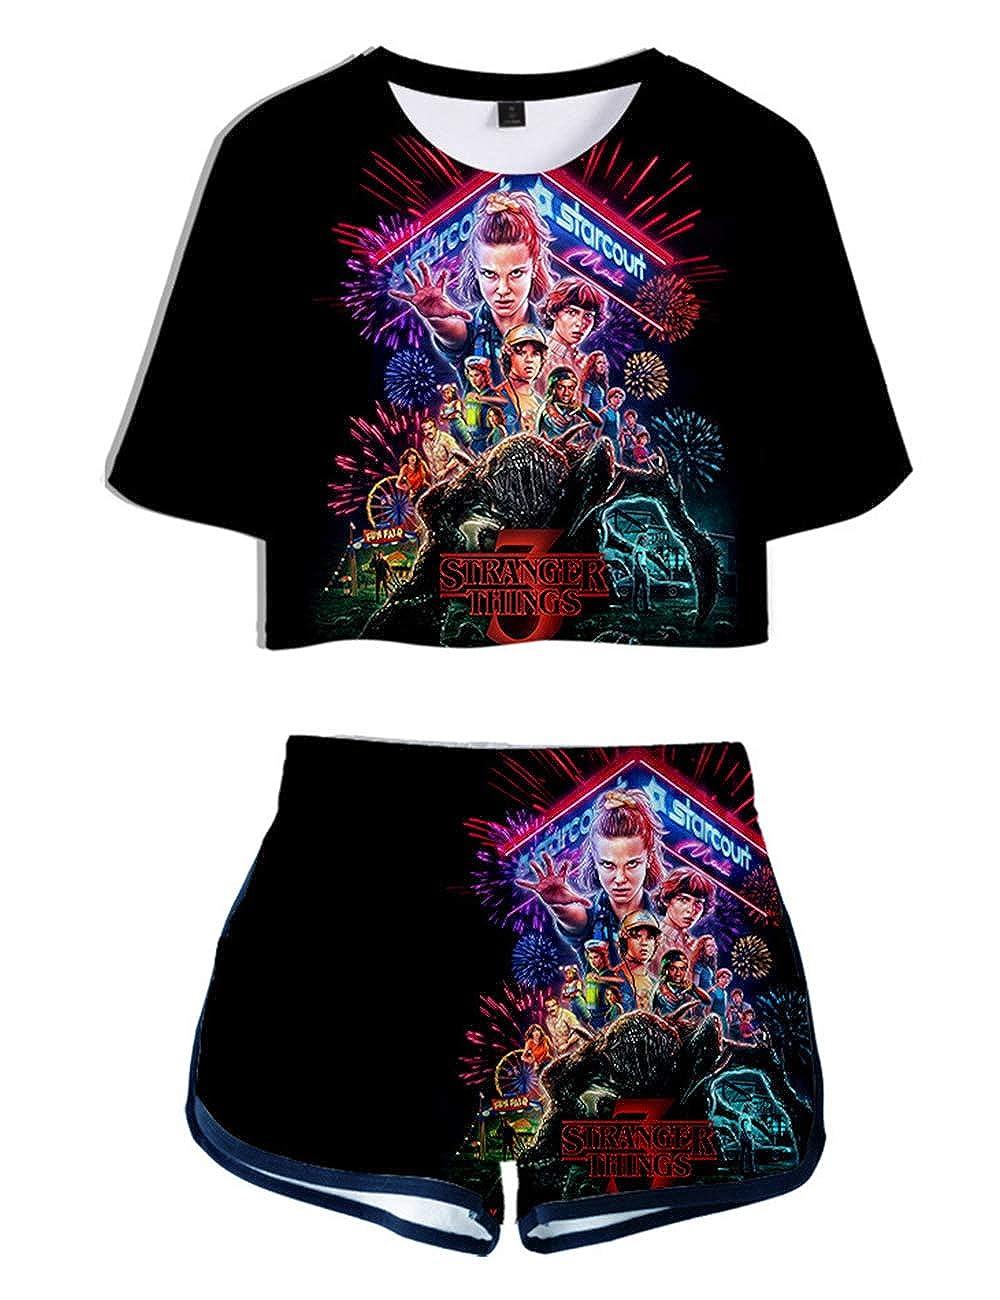 Stranger Things Shirt Damen Teenager M/ädchen Stranger Things Season 3 3D Sommer T-Shirts Unisex Frauen Herren Kurzarm Tshirts M/änner Jungen Kinder Sport Blusen Shirt Kids Oberteile Top